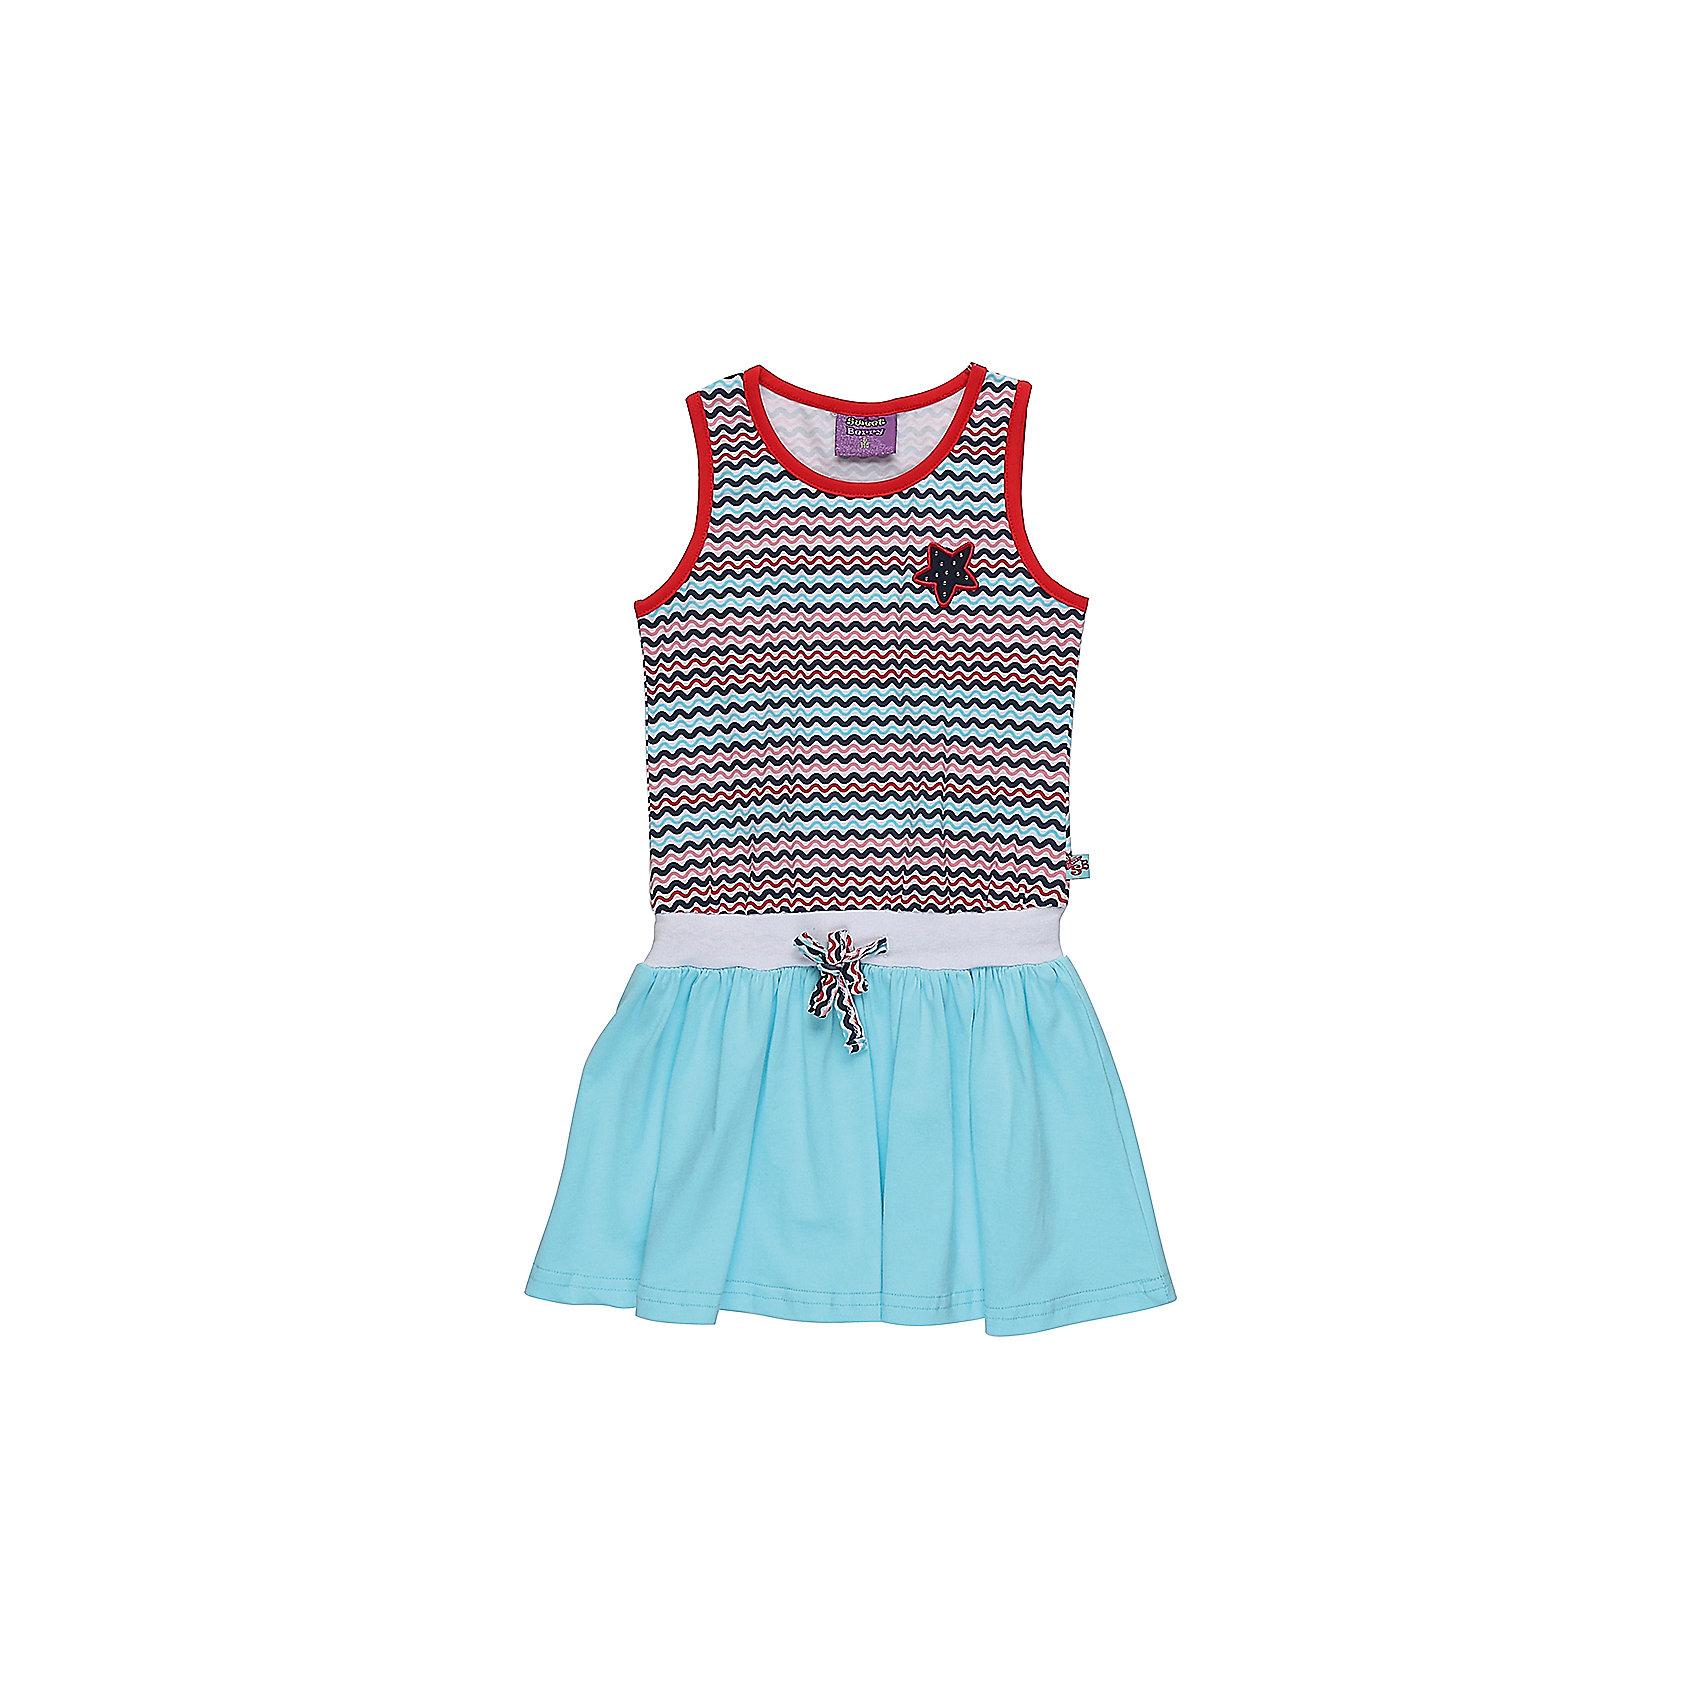 Платье для девочки Sweet BerryПлатья и сарафаны<br>Трикотажное платье для девочки без рукавов в полоску. Декрированно вышивкой и контрастным воланом.<br>Состав:<br>95%хлопок 5%эластан<br><br>Ширина мм: 236<br>Глубина мм: 16<br>Высота мм: 184<br>Вес г: 177<br>Цвет: разноцветный<br>Возраст от месяцев: 36<br>Возраст до месяцев: 48<br>Пол: Женский<br>Возраст: Детский<br>Размер: 104,128,98,110,116,122<br>SKU: 5412134